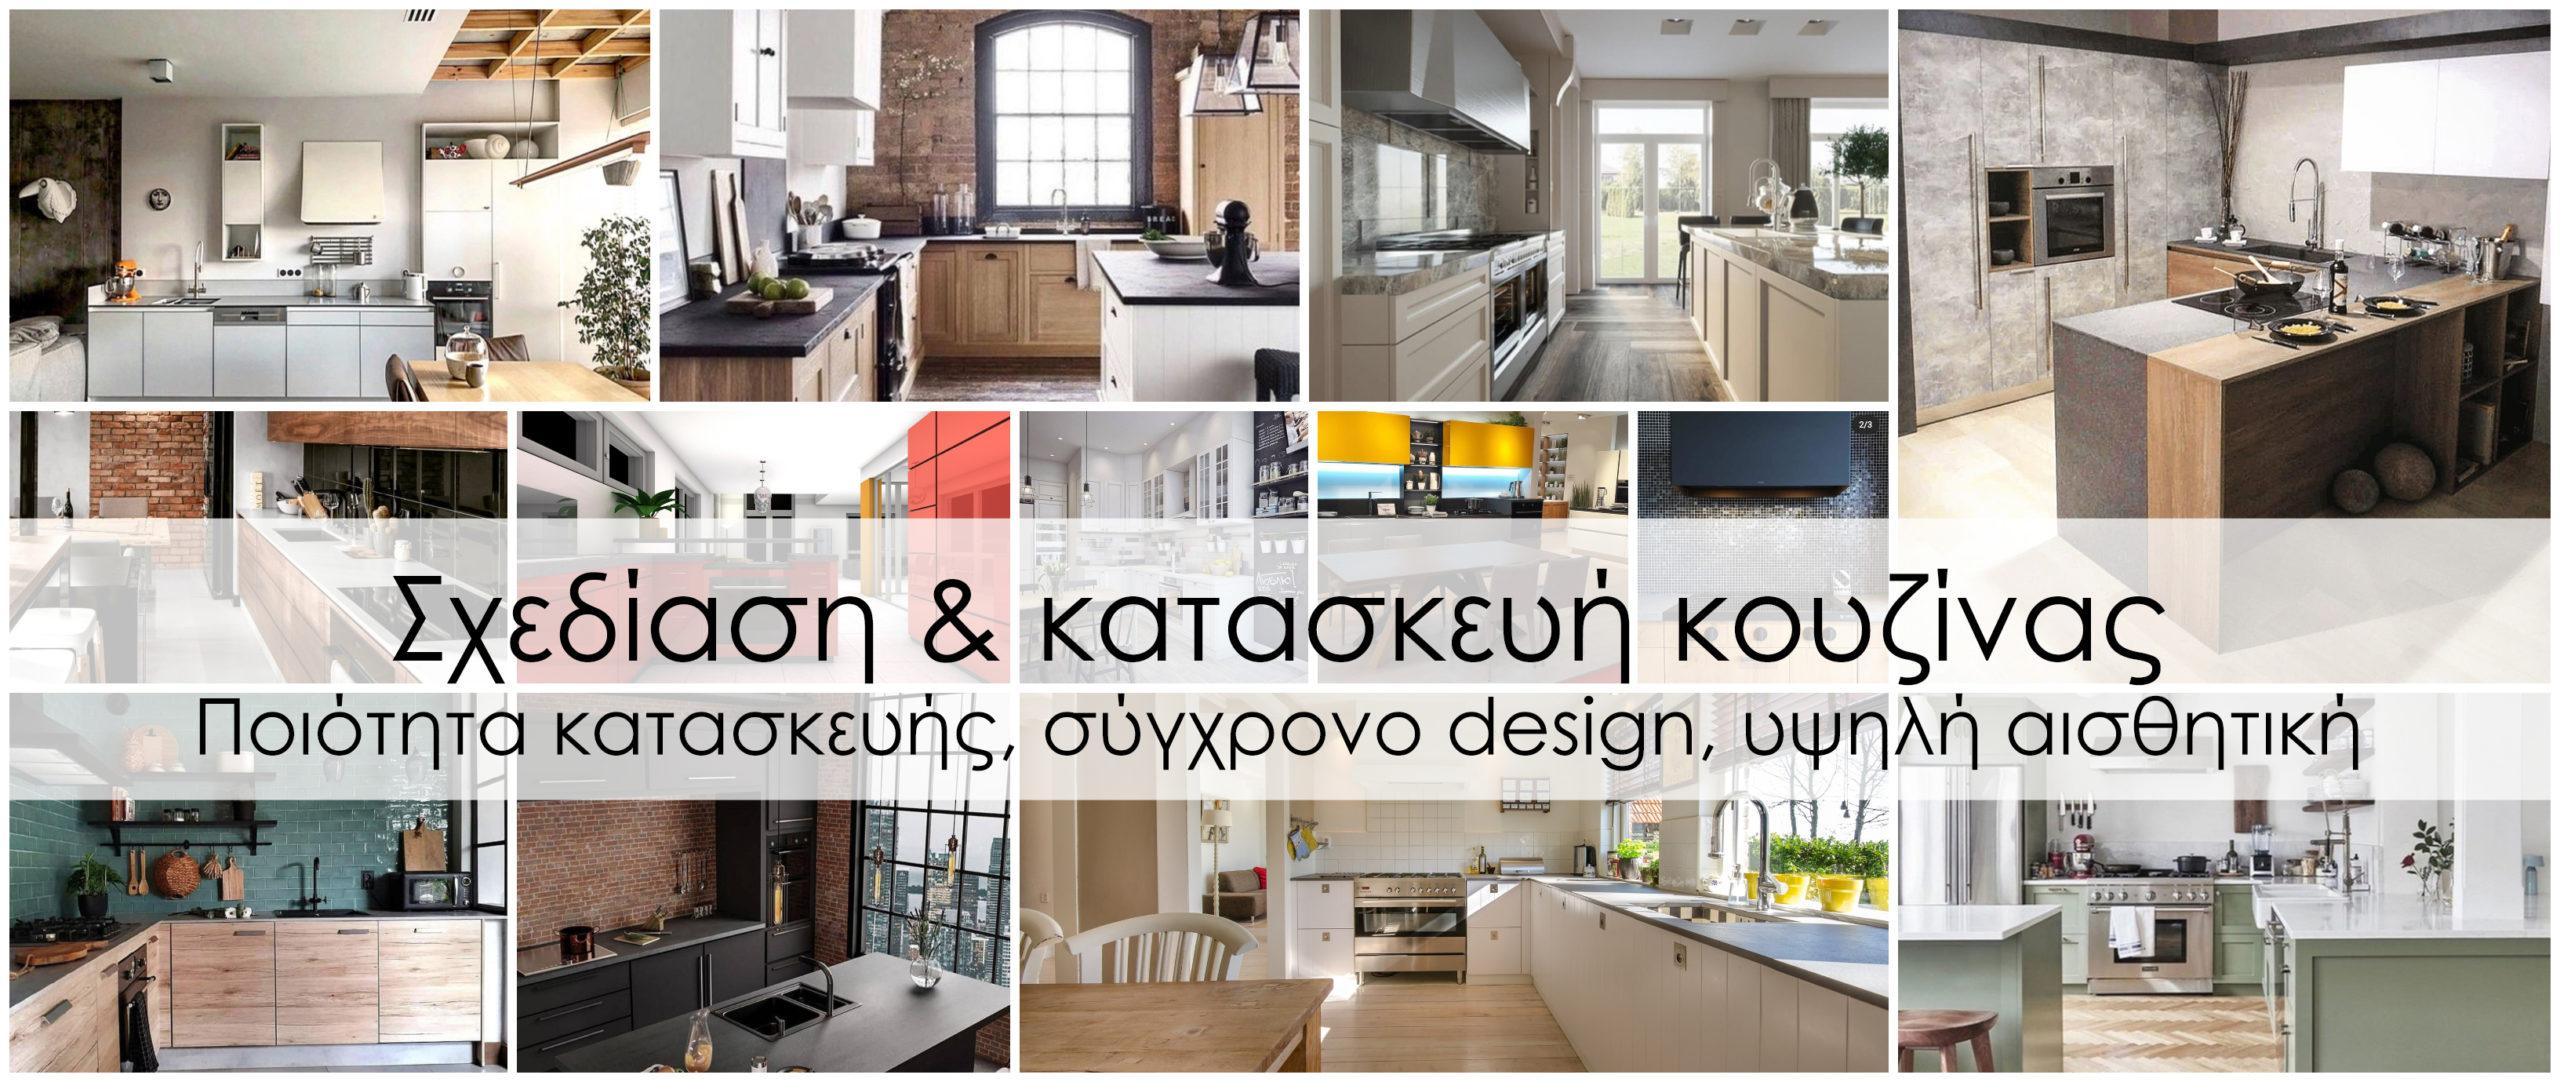 kouzina athanasopoulos design patra